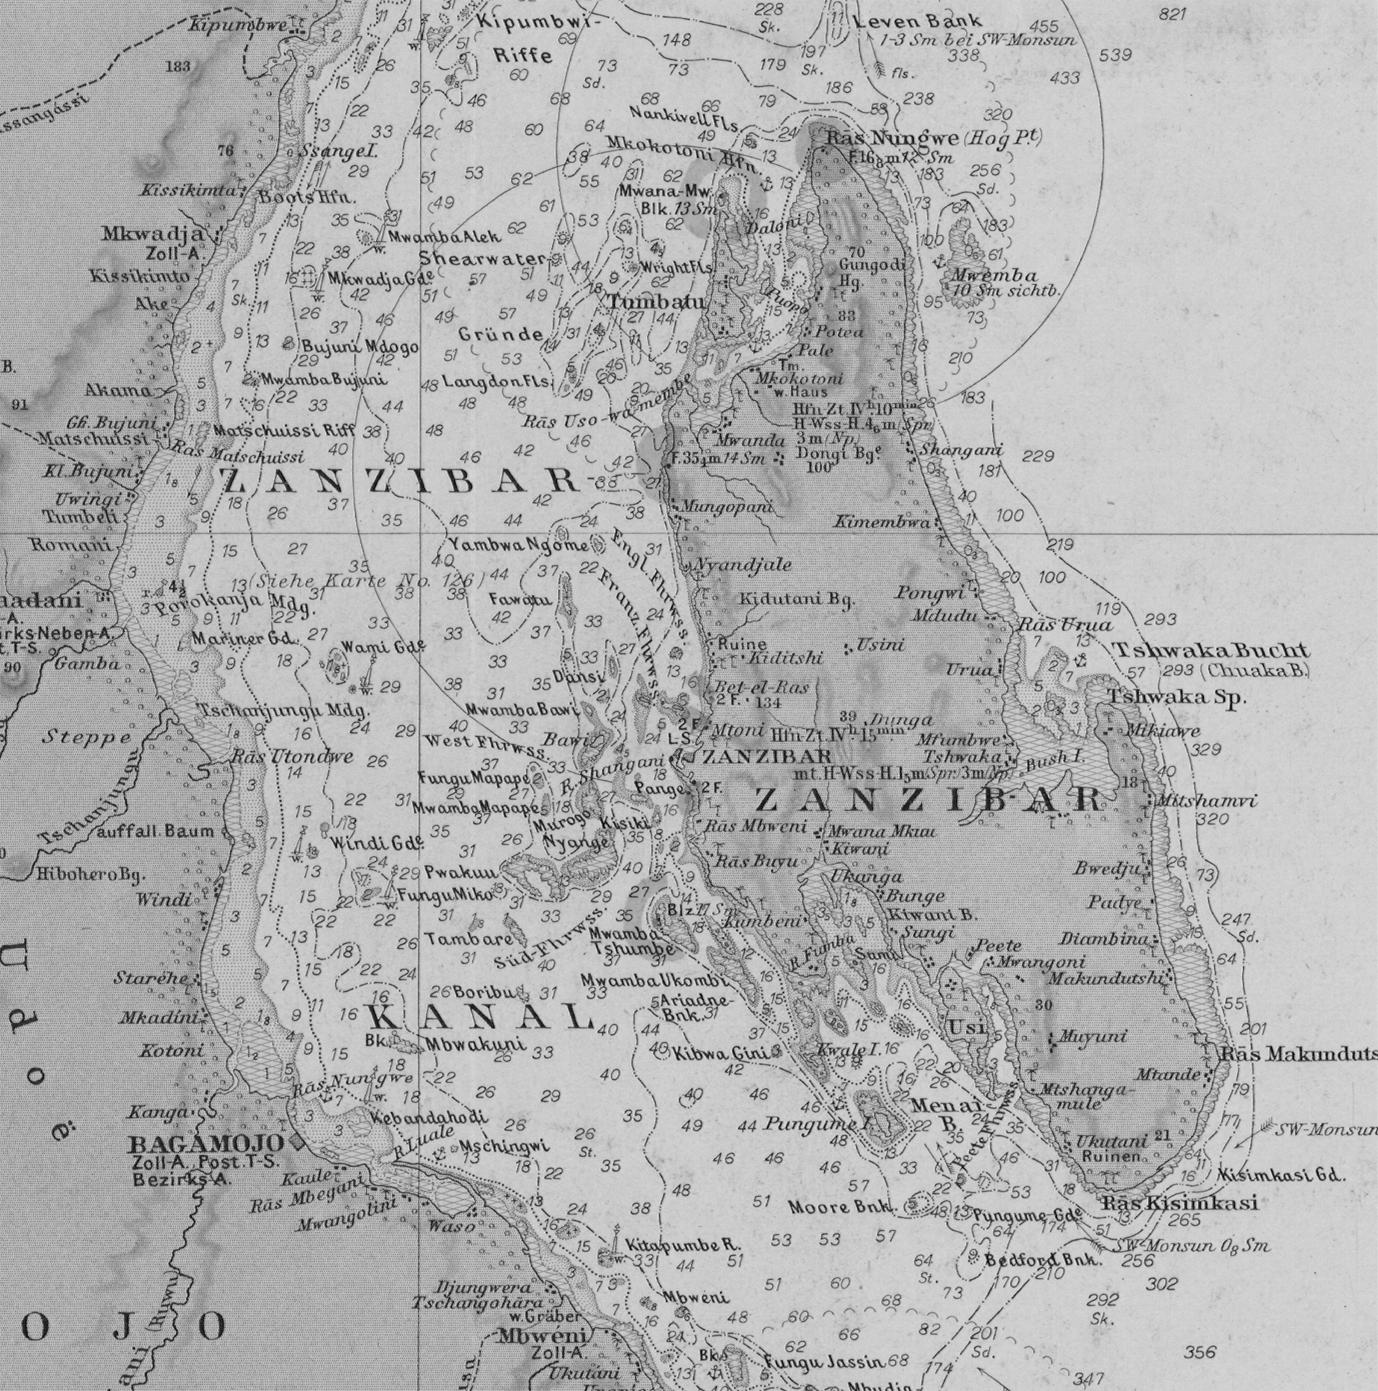 Marine Charts: Zanzibar marine chart 1891.jpg - Wikimedia Commons,Chart